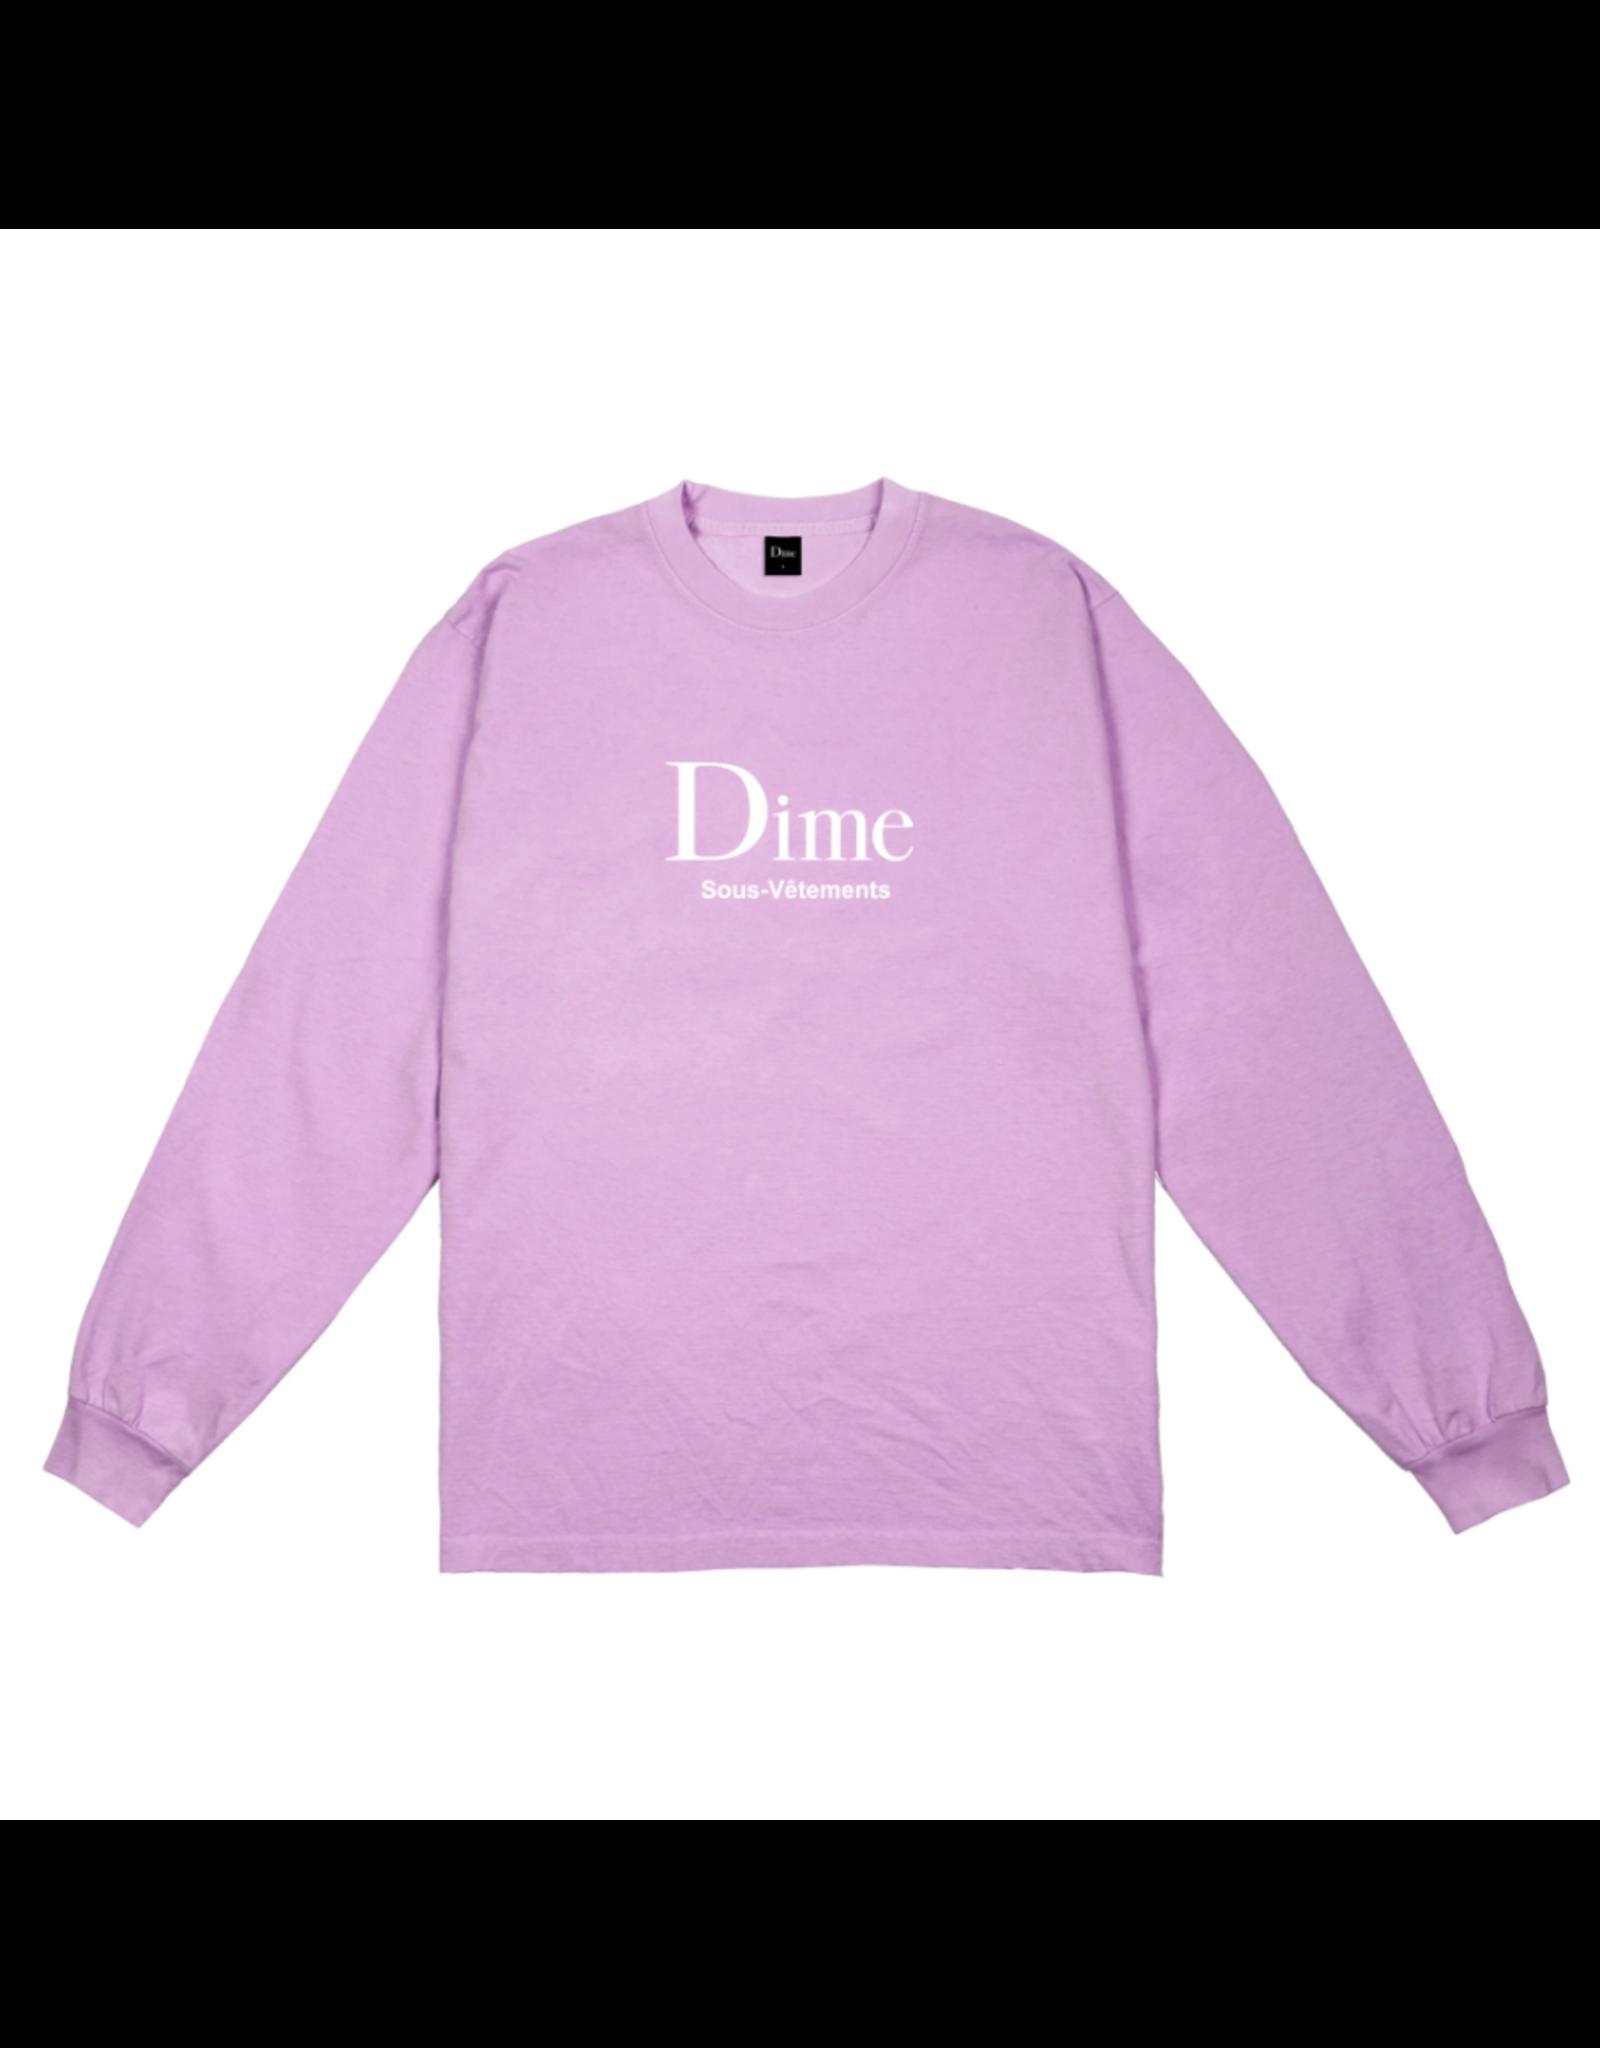 Dime Sous-Vetements L/S - Lavender